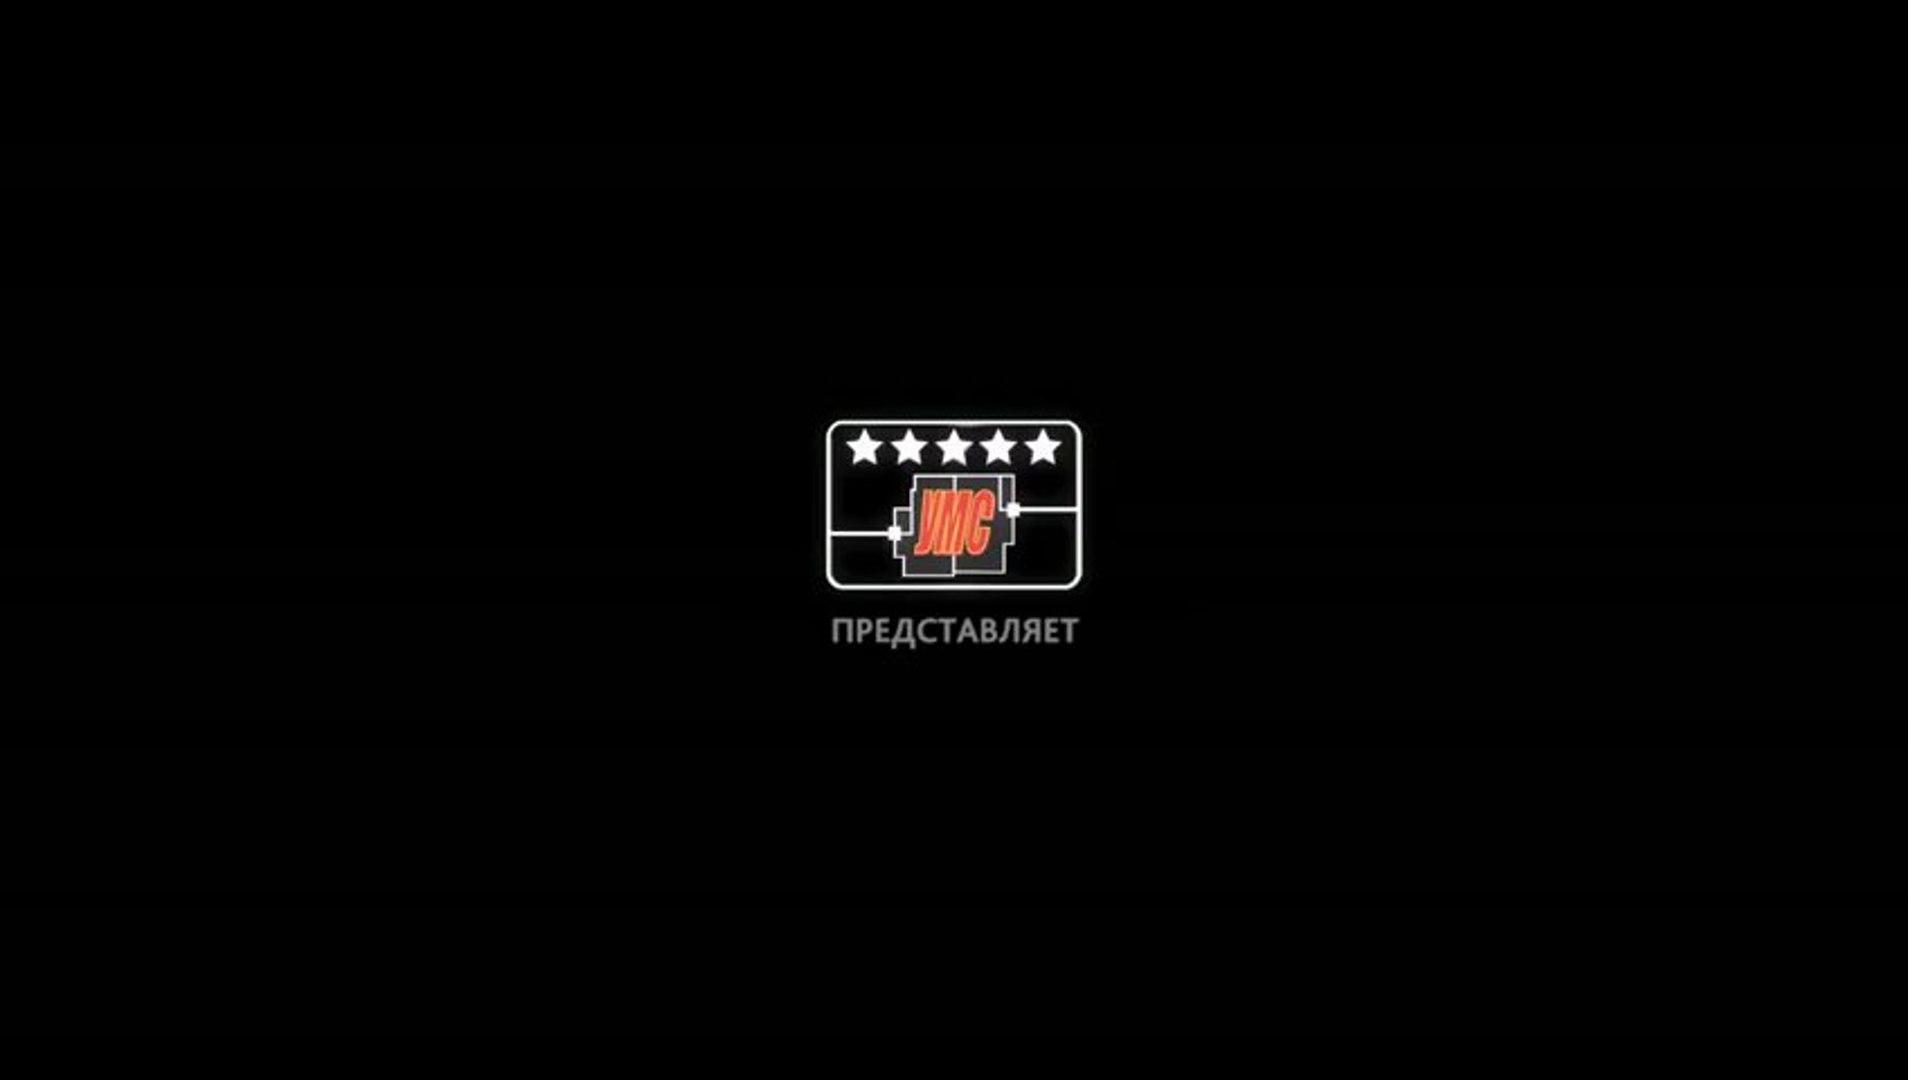 Работодатель смотреть онлайн фильм (ссылка на фильм под видео)